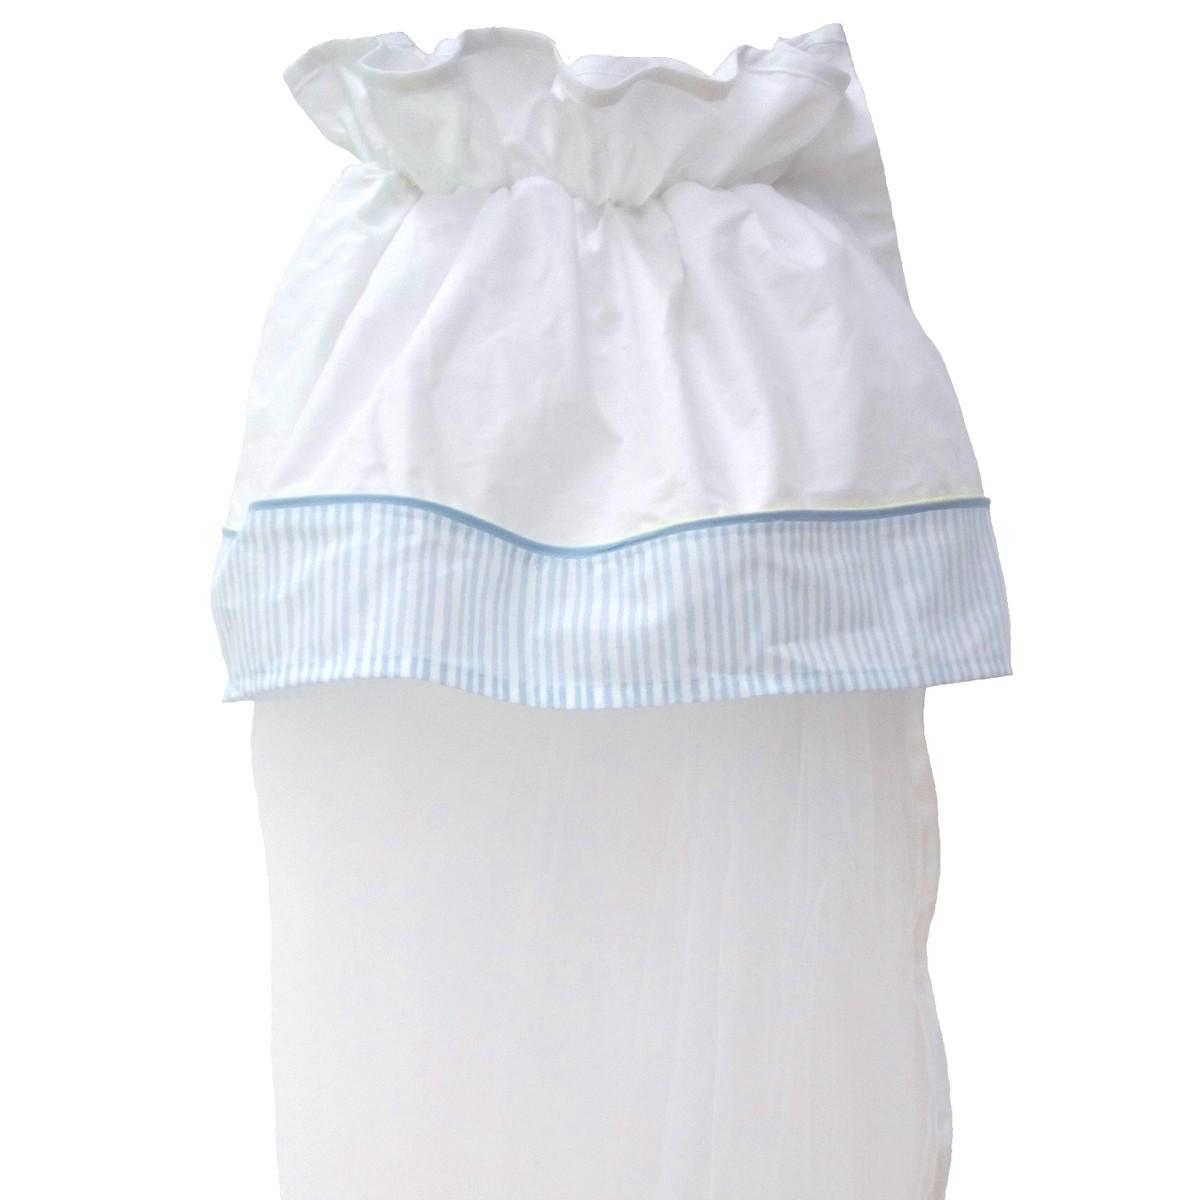 Κουνουπιέρα Κούνιας Κόσμος Του Μωρού 7924 Ριγέ Σιέλ